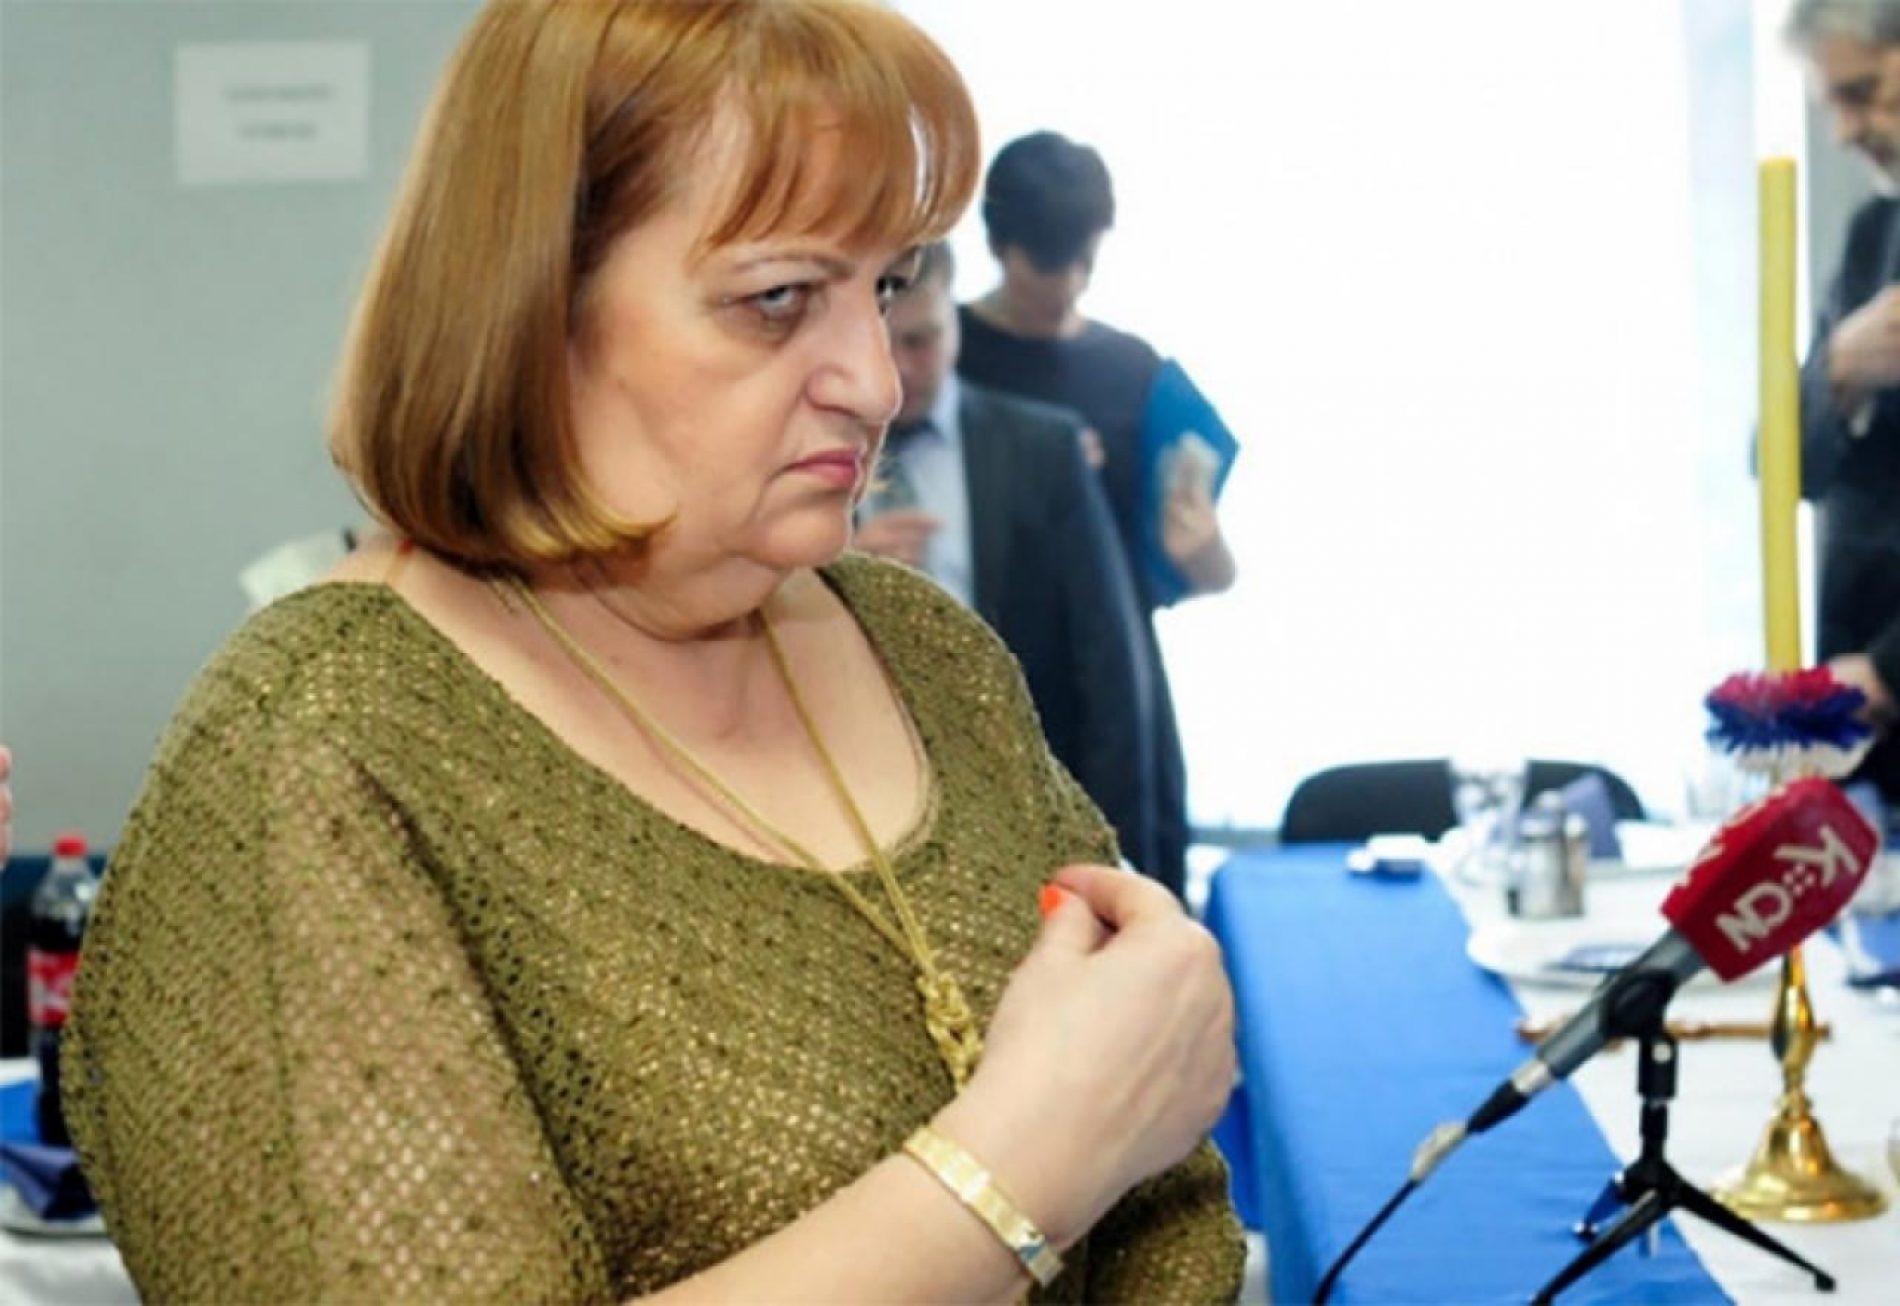 Hag će joj suditi: Srbija mora isporučiti skupštinsku poslanicu Radetu